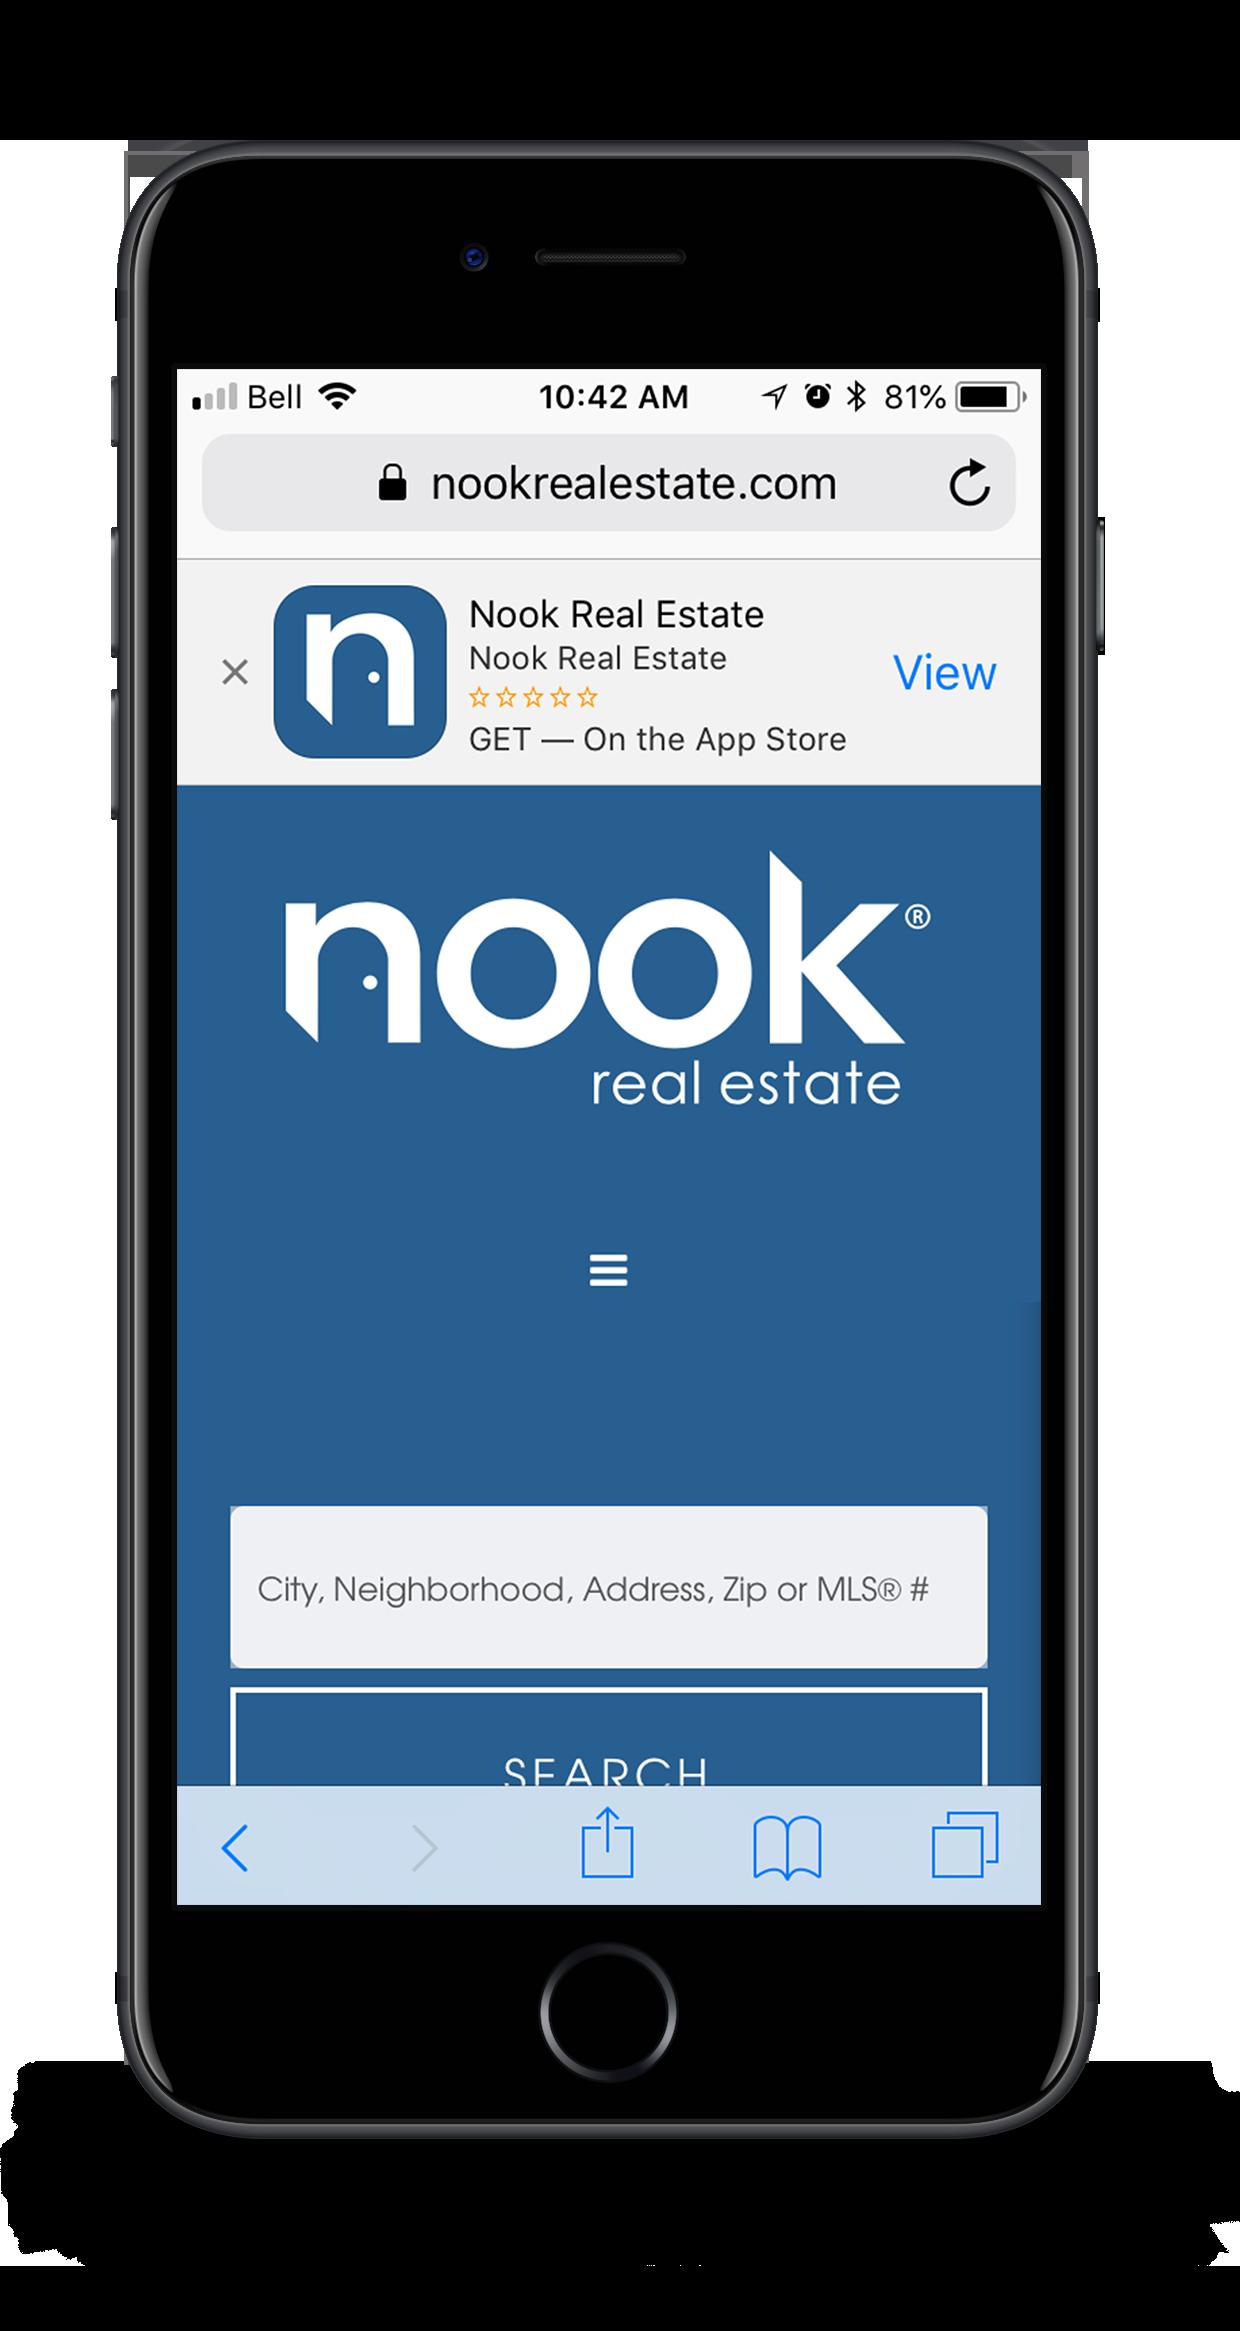 Nook app prompt on Safari